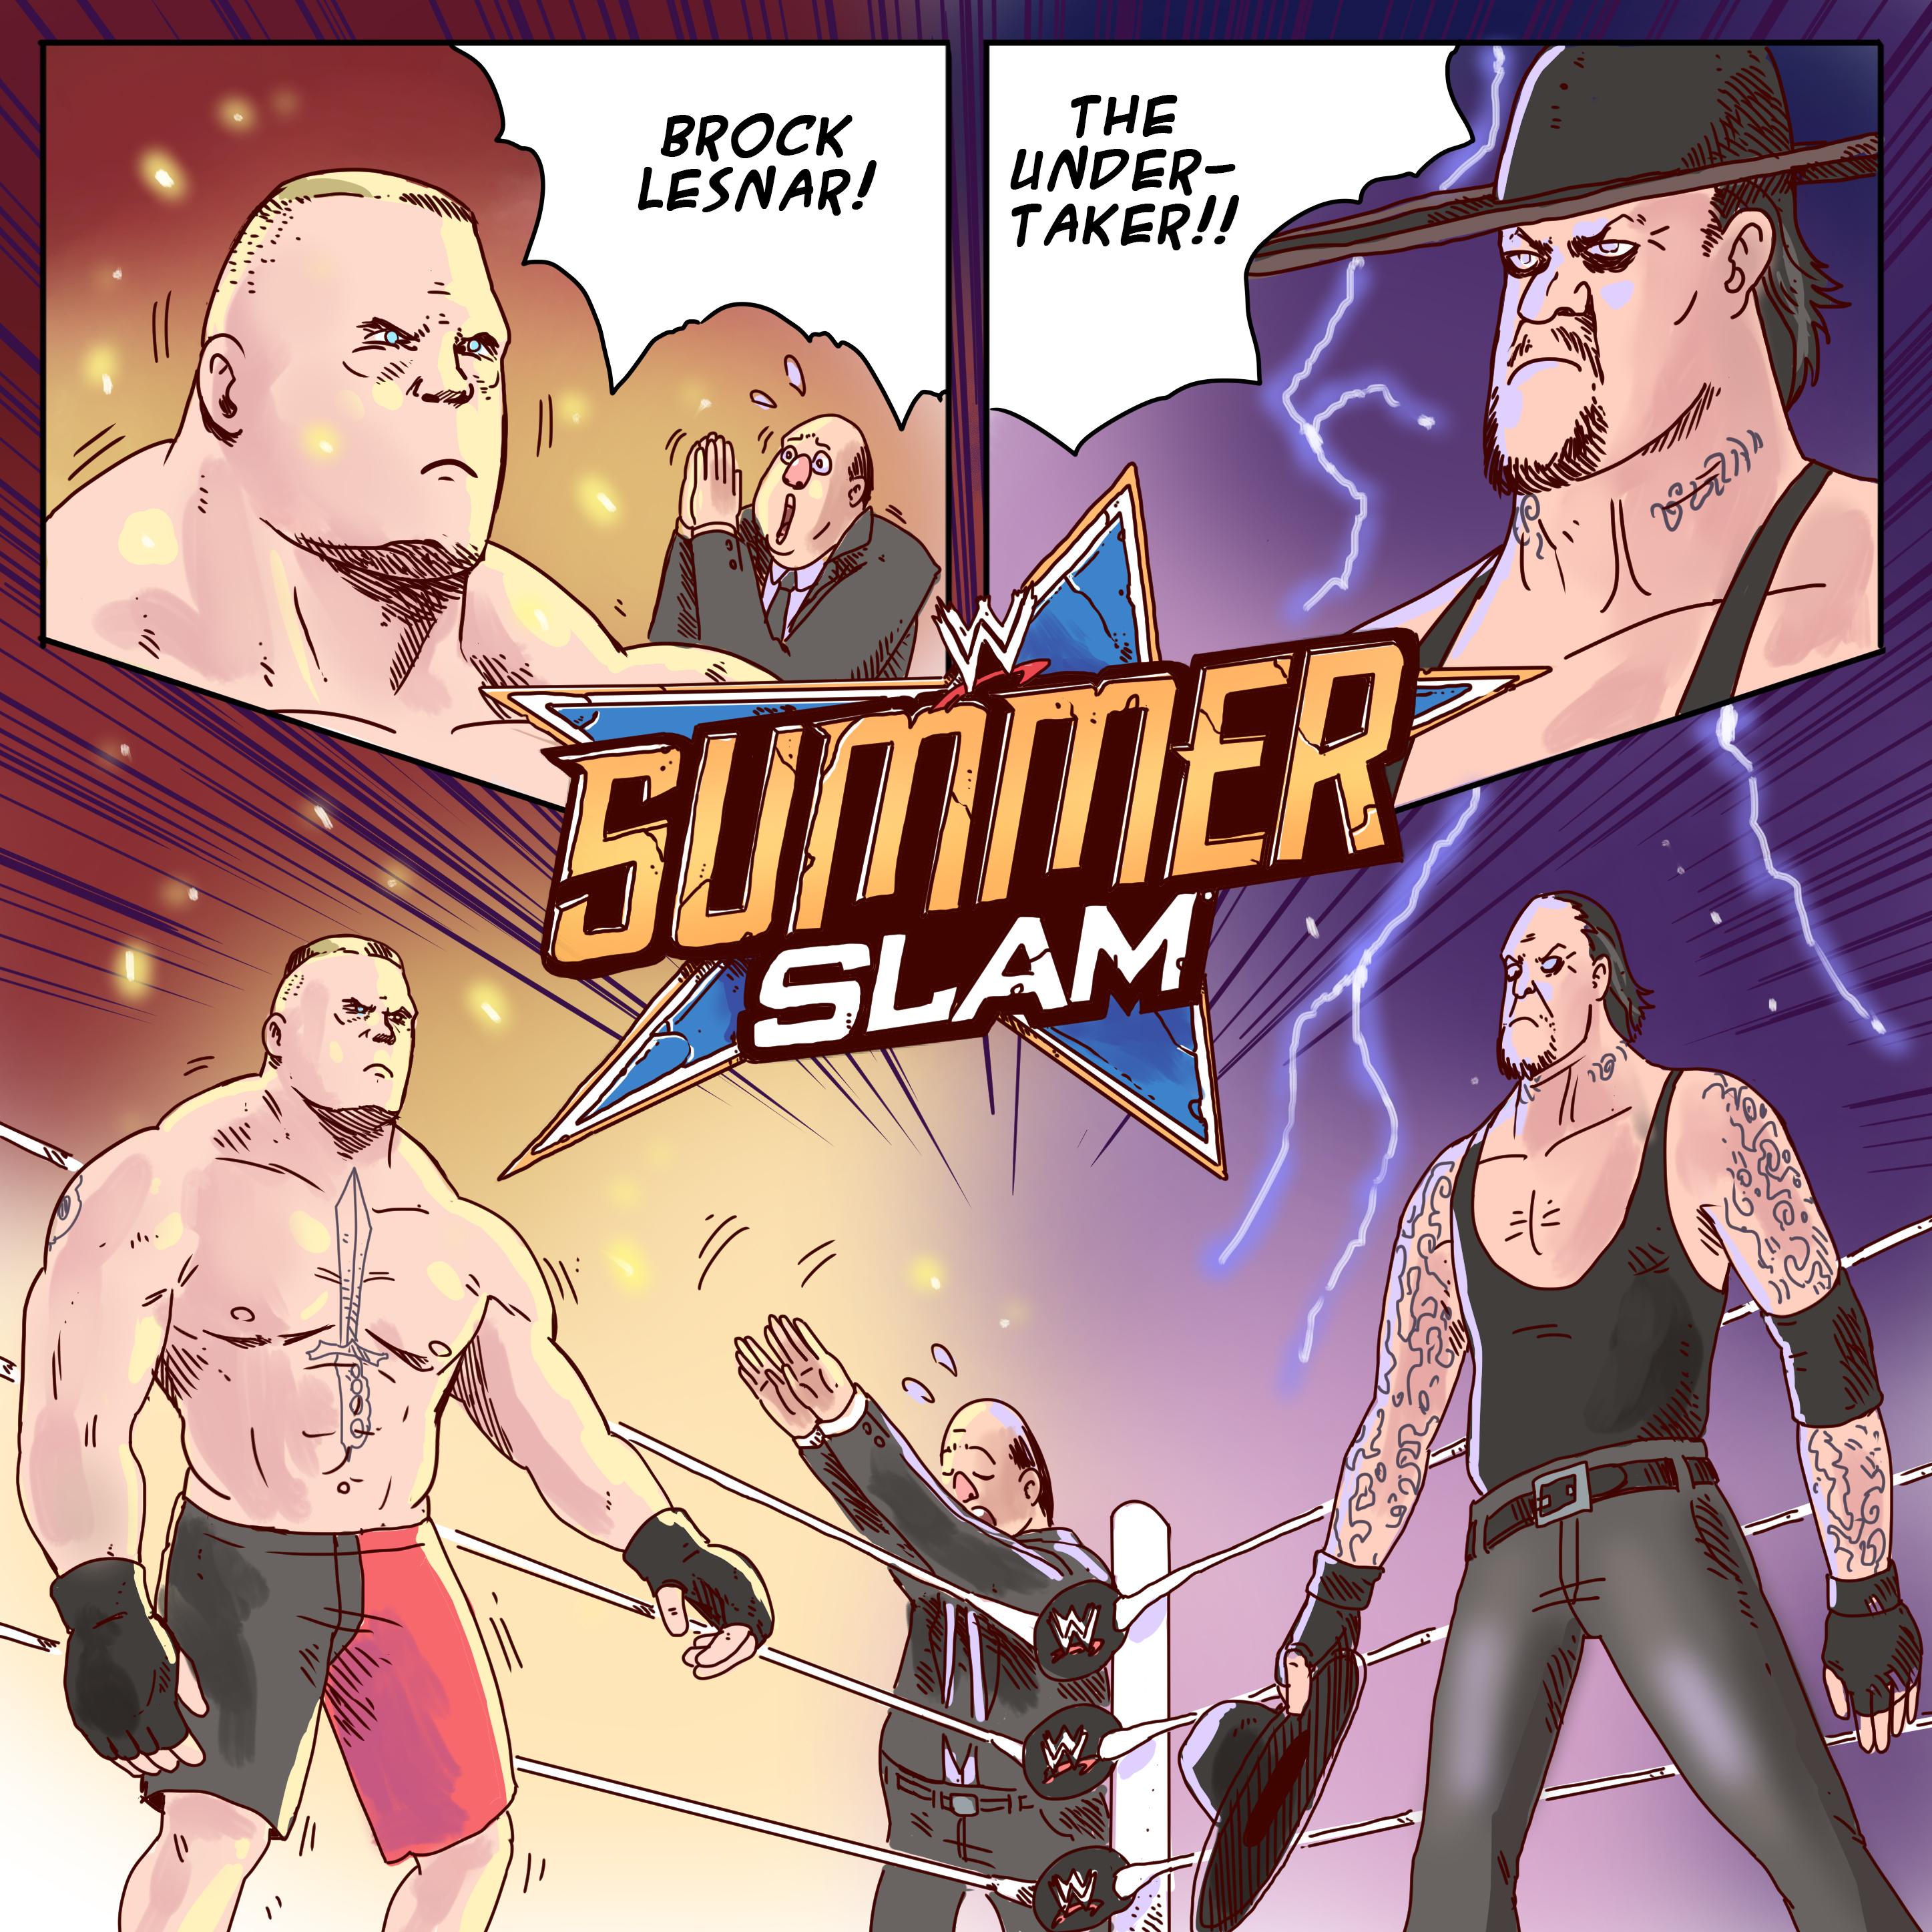 SUMMERSLAM BROCK LESNAR VS. THE UNDERTAKER